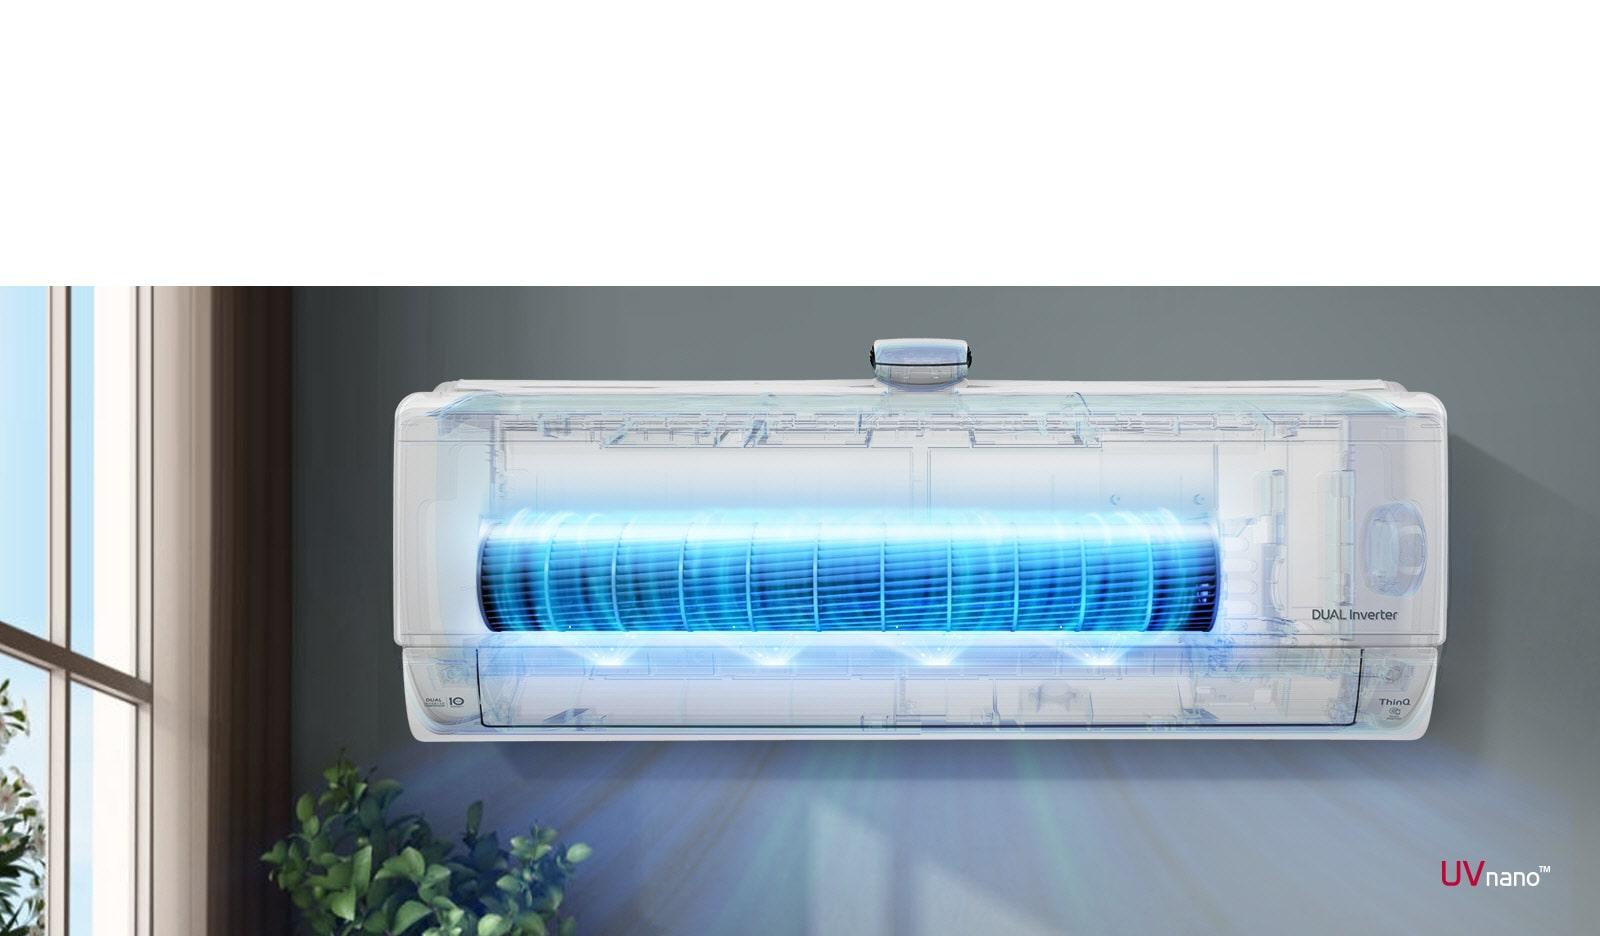 影片顯示安裝在牆上的空調的前視圖。機器前方可以透視,並啟動機器以顯示內部工作原理。風扇突顯示藍色,以顯示可去除細菌的 UV LED 燈。空氣從機器流出。UVnano 標誌位於右下角。